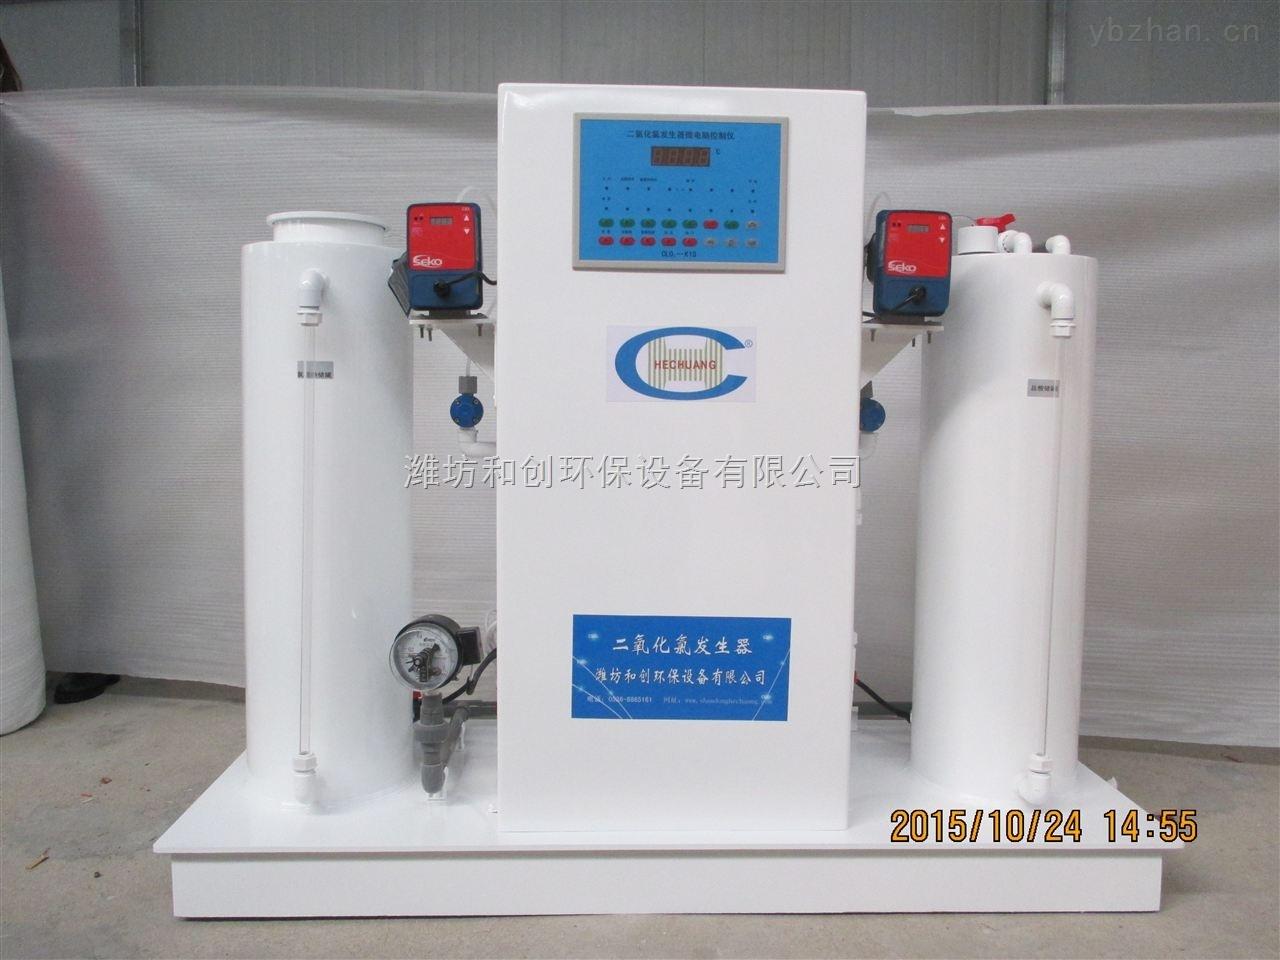 化學法二氧化氯發生器/湖北專業污水廠消毒設備廠家